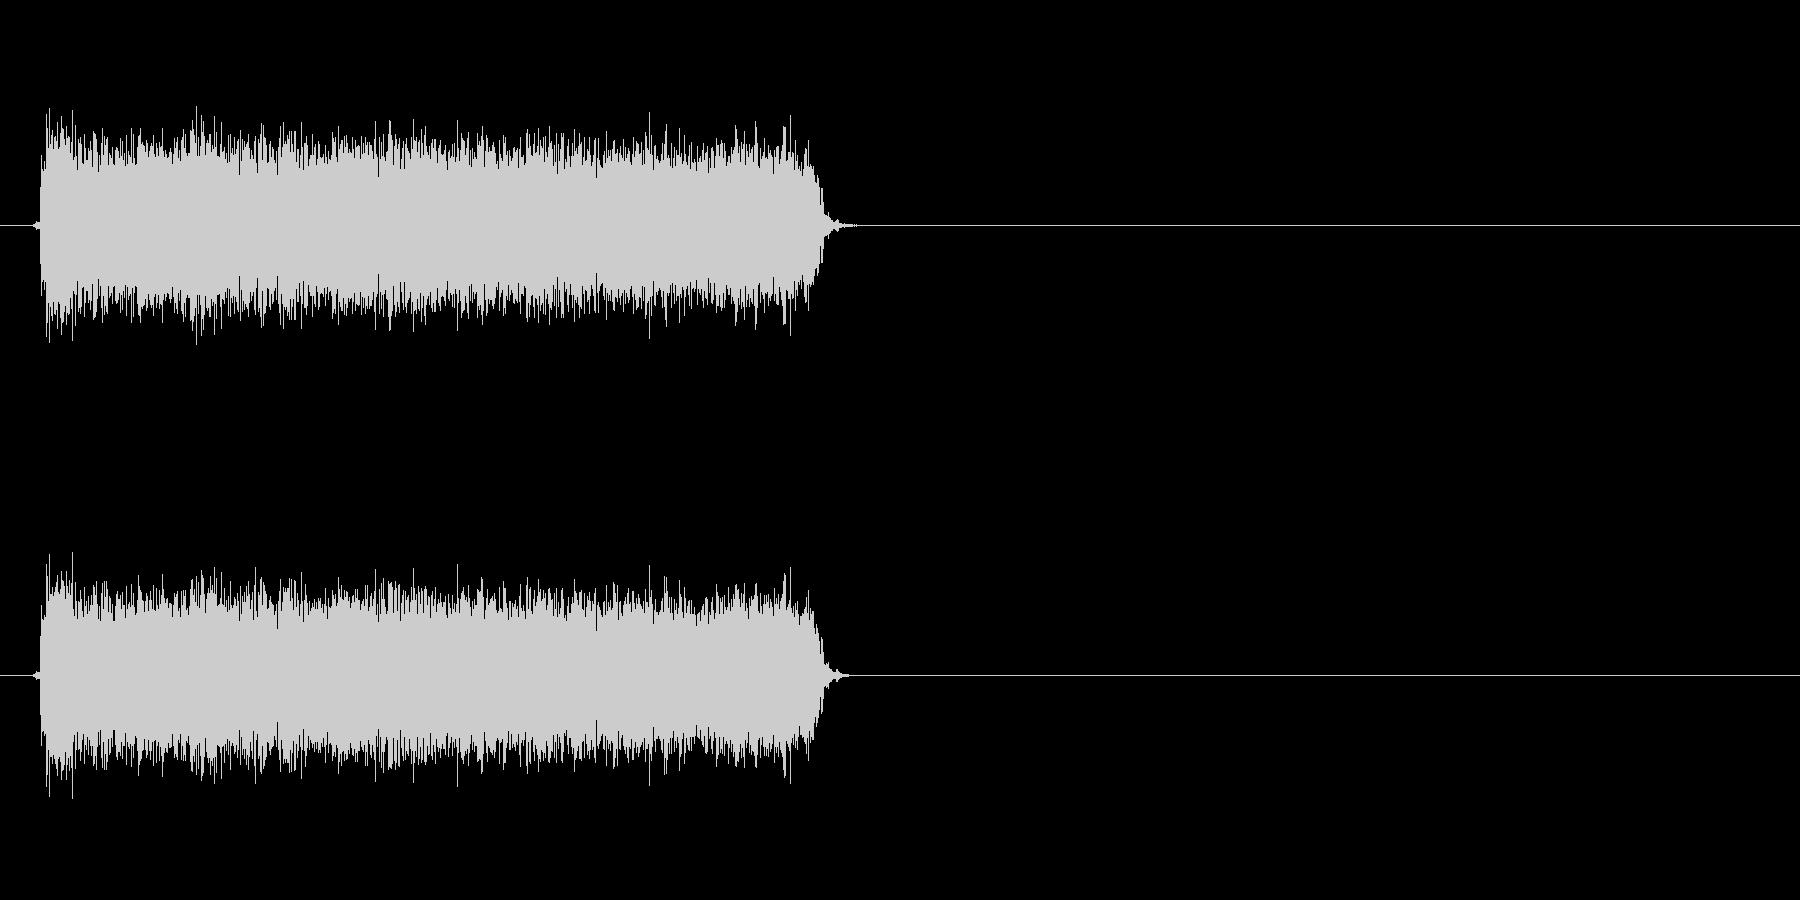 ロック曲等に使えるエレキギター効果音4の未再生の波形